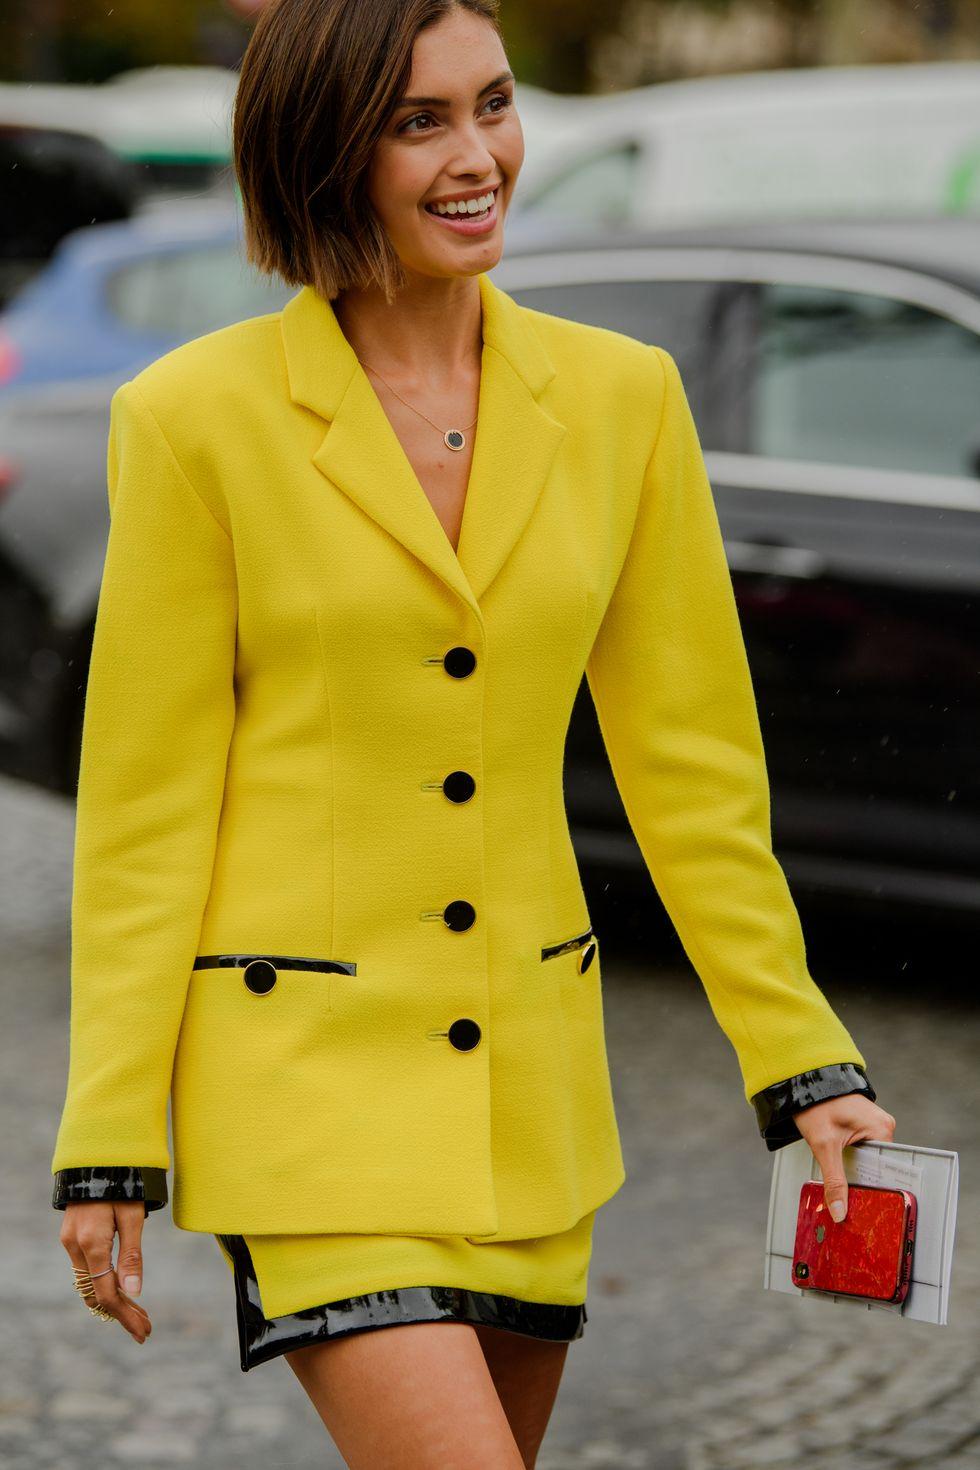 Fashionista diện suit ngắn màu vàng nổi bật cùng dây chuyền đơn giản, tinh tế